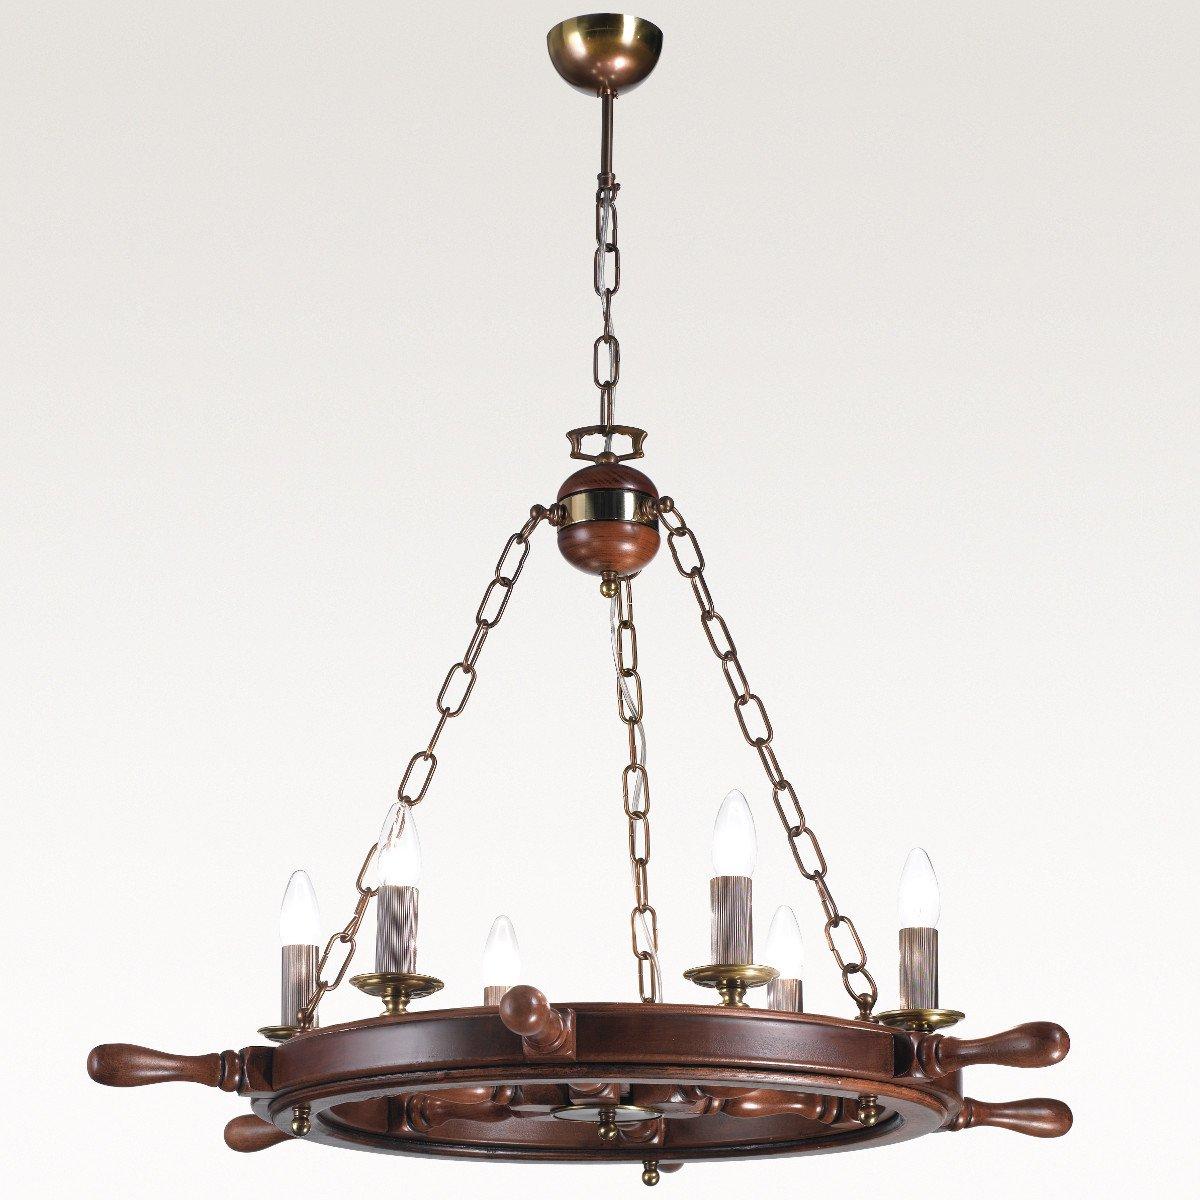 kronleuchter auf holz steuerrad im stil einer schiffslampe. Black Bedroom Furniture Sets. Home Design Ideas